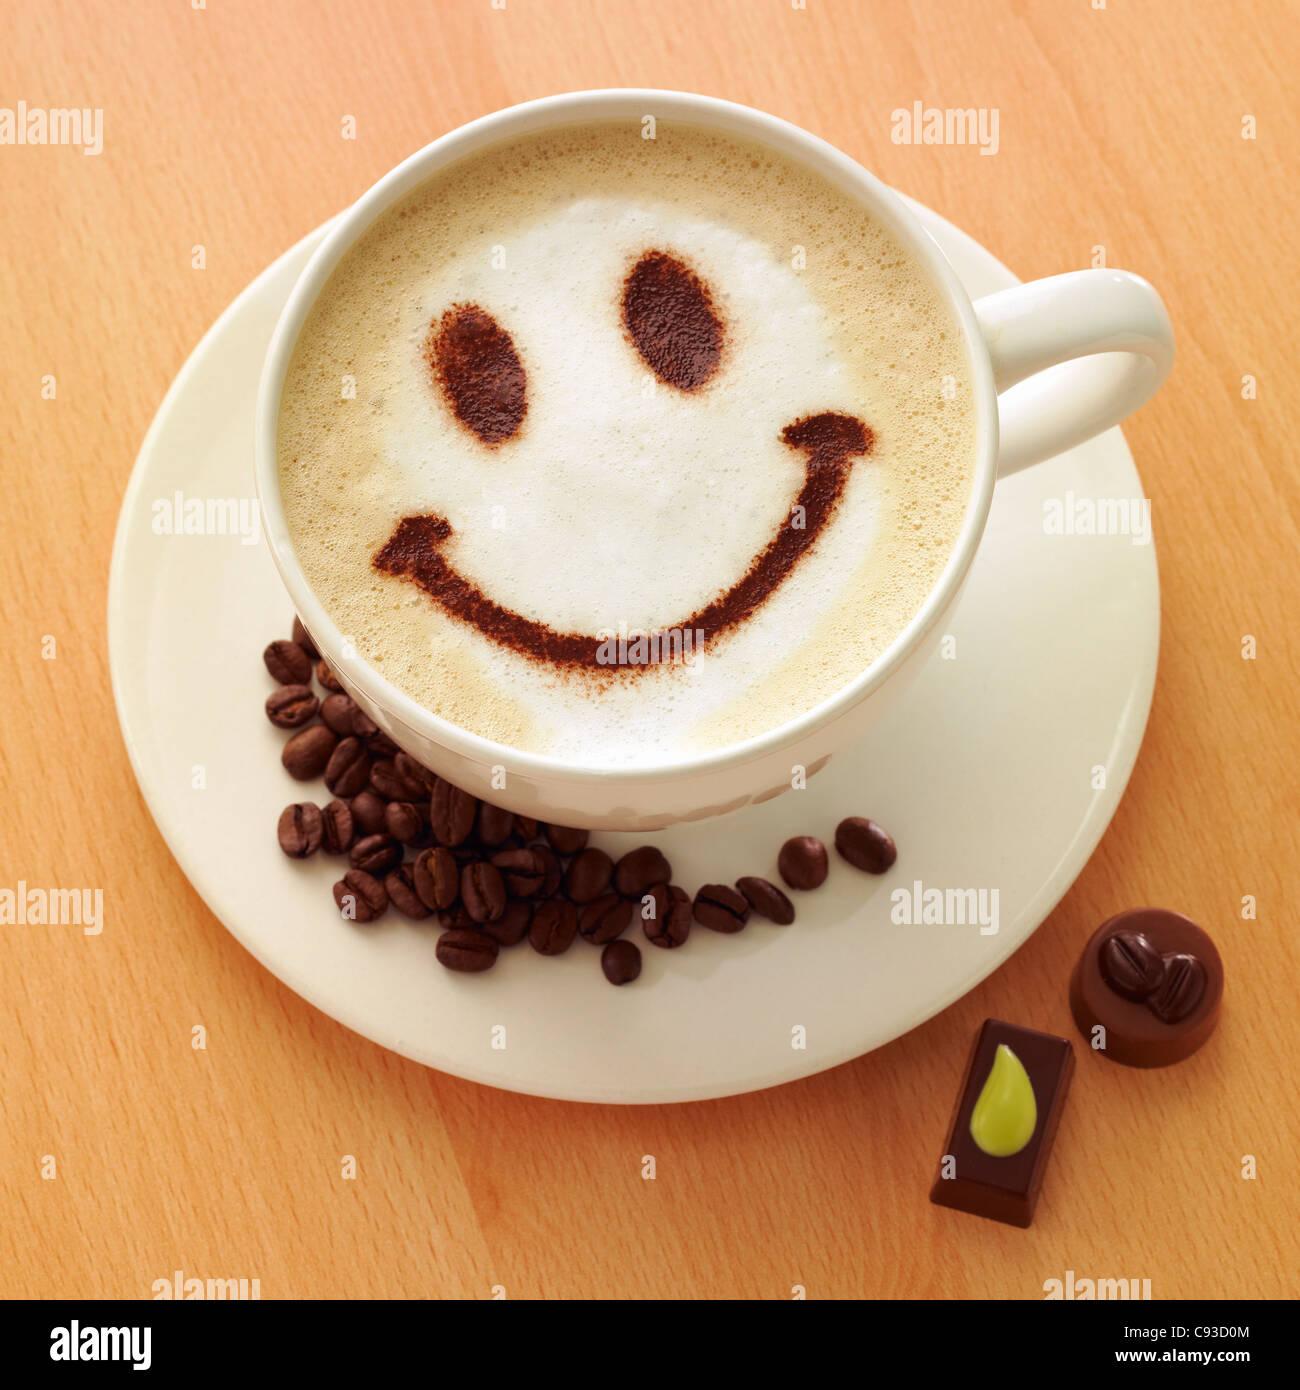 Cappuccino kaffee mit schokoladenpulver smiley gesicht an der spitze mit kaffeebohnen und - Bilder cappuccino ...